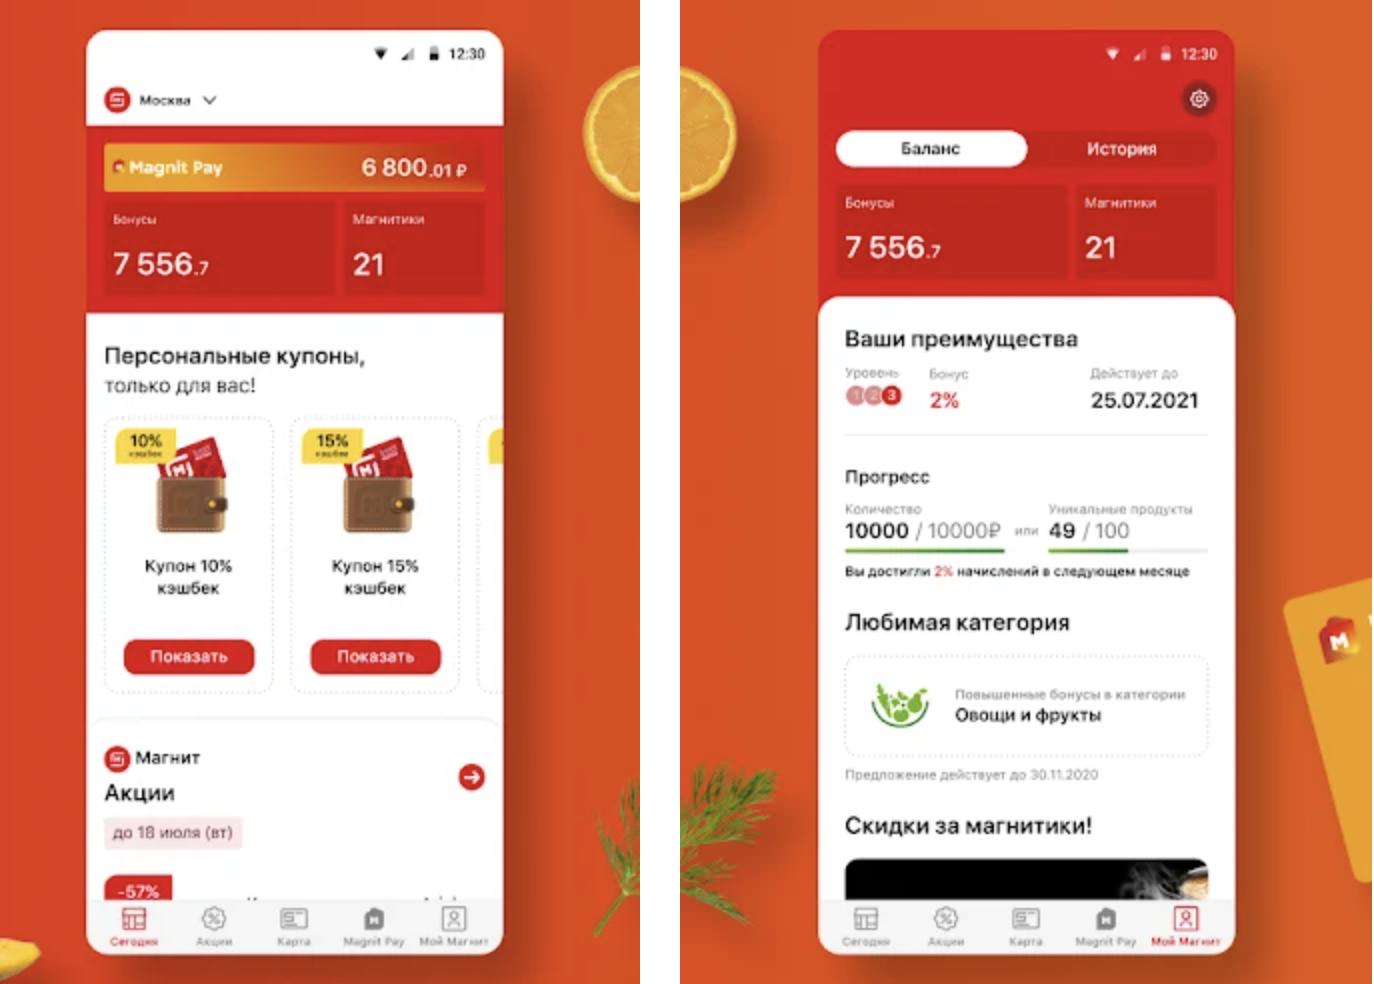 Как скачать приложение для ios android Магнит